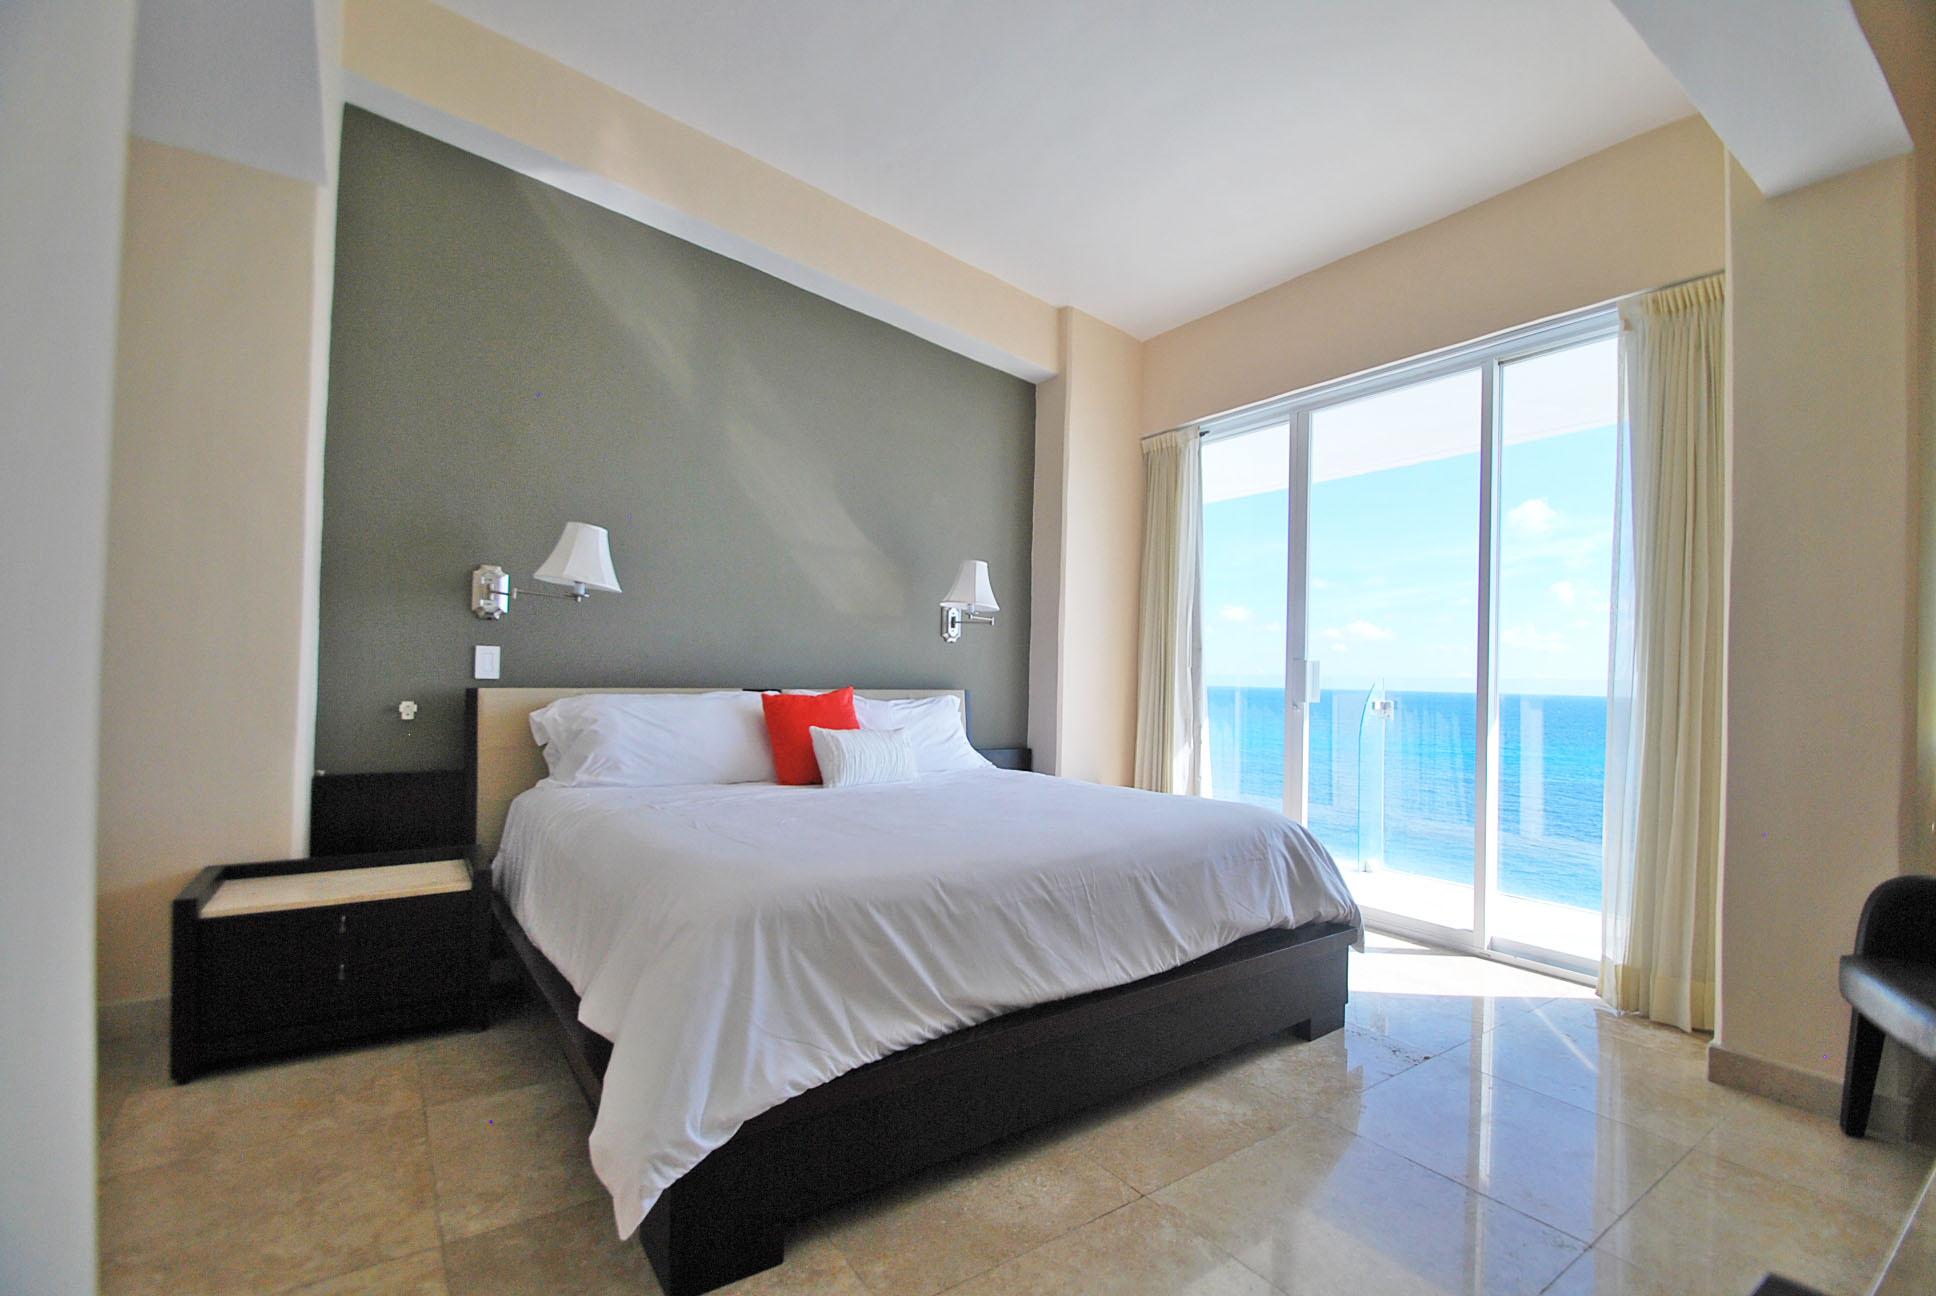 371 - Bedroom 2